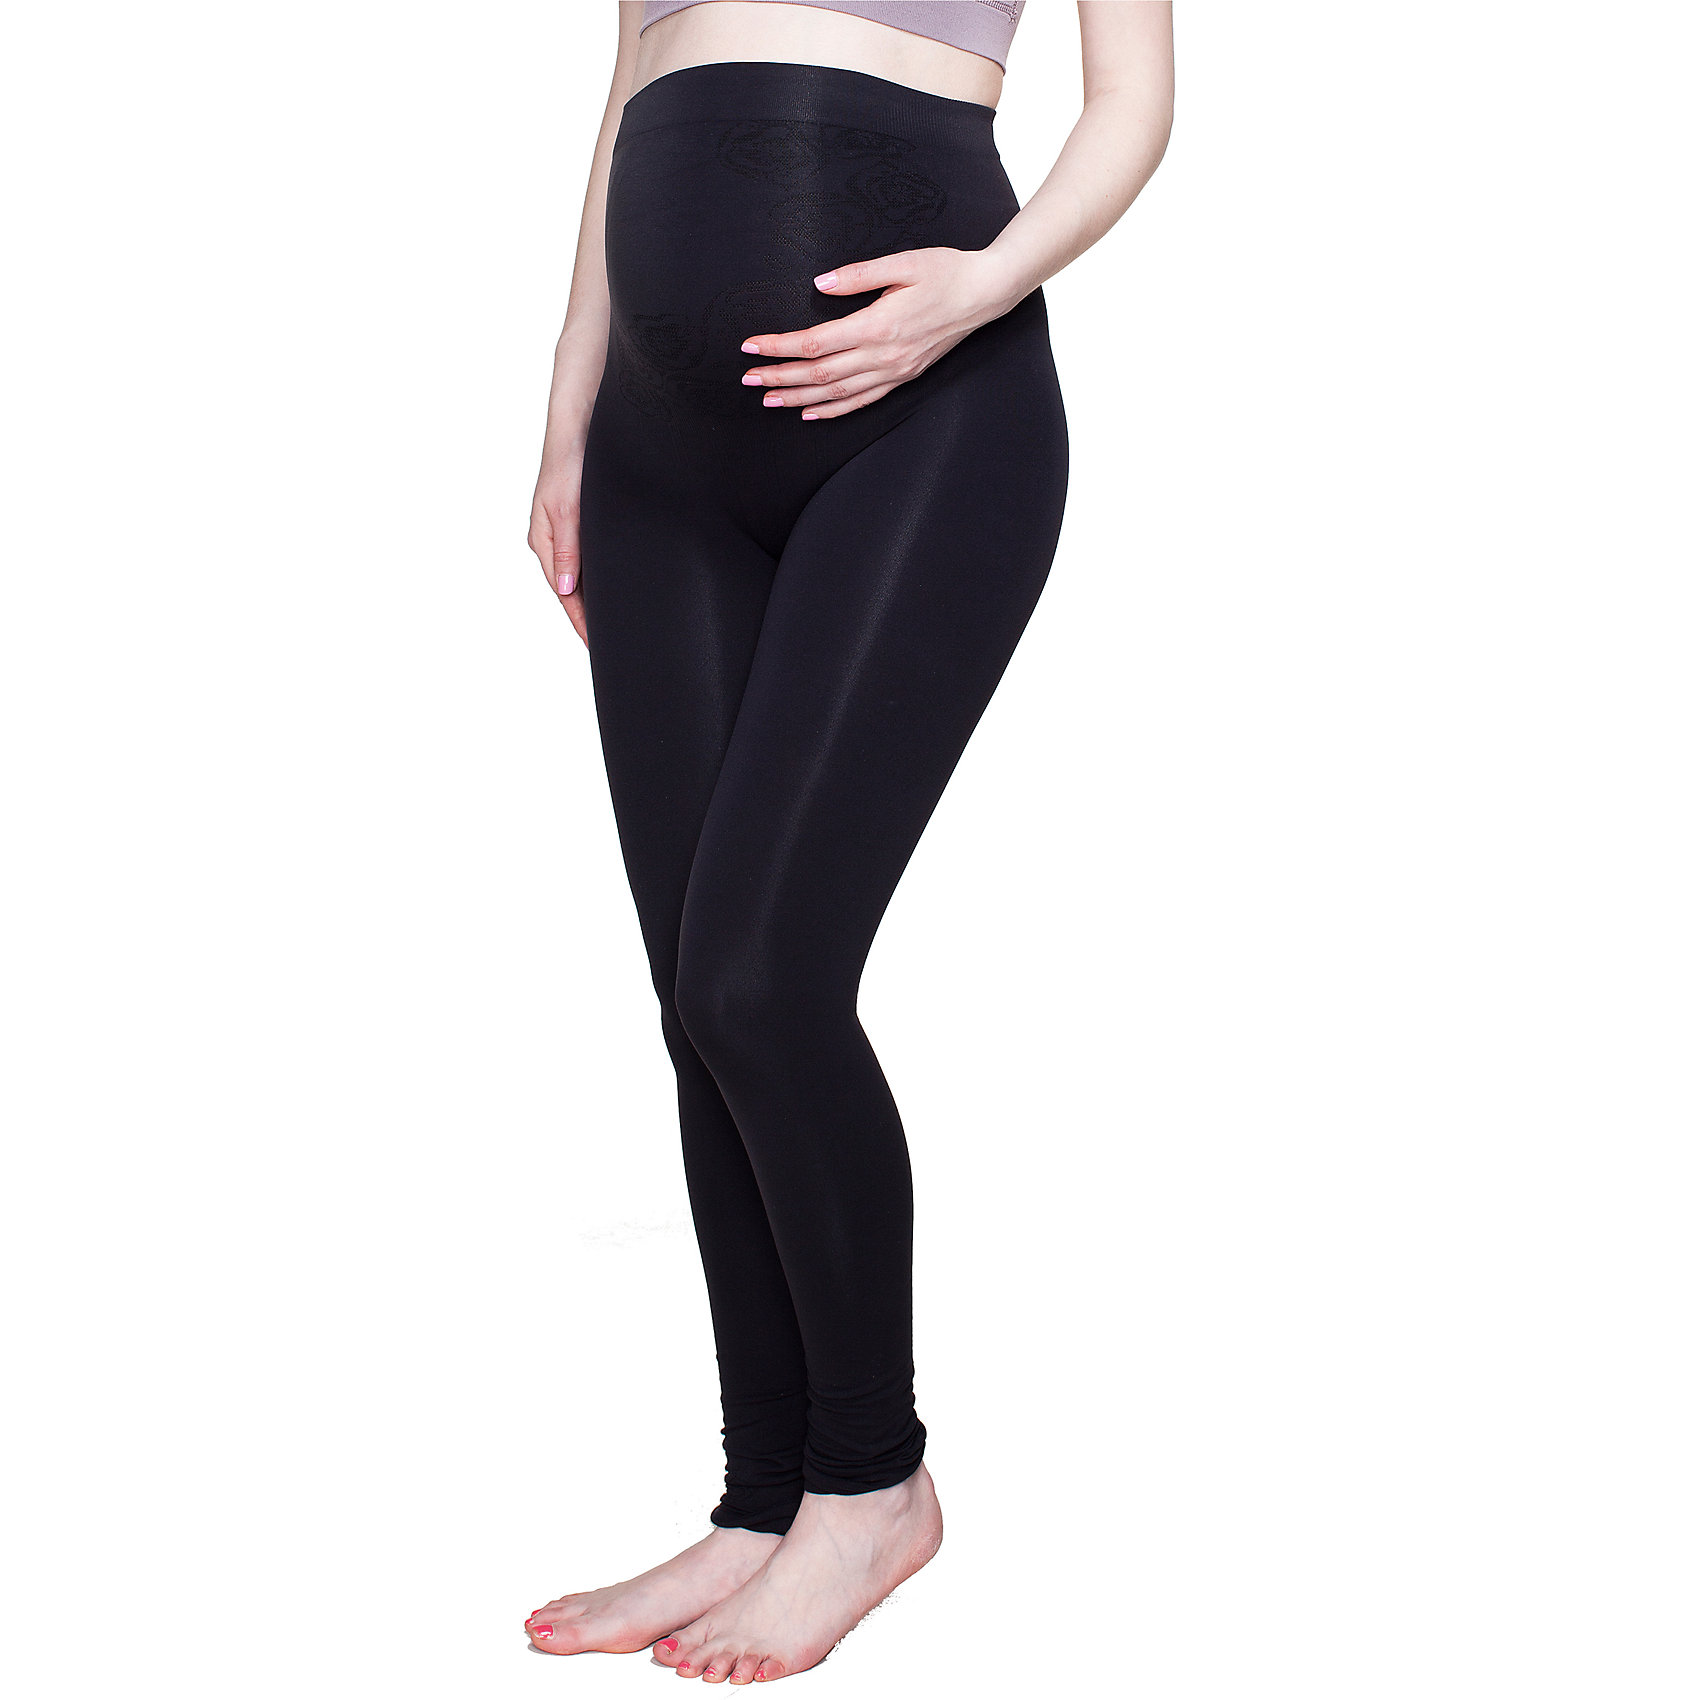 Леггисы бесшовные для беременных ФЭСТНижнее белье<br>Леггинсы бесшовные для беременных<br>Удобная модель для отдыха.<br>Высокая посадка — полностью закрывают живот.<br>За счет особой конструкции и эластичности материала поддерживают живот, плавно растягиваются по мере его роста.<br>Не оказывают давления на живот и ноги.<br>Не стесняют движений, приятны к телу.<br>Выполнены из мягкой микрофибры, обладающей хорошей воздухопроницаемостью.<br><br><br>Состав: ПА-93%, эластан-7%<br><br>Ширина мм: 123<br>Глубина мм: 10<br>Высота мм: 149<br>Вес г: 209<br>Цвет: черный<br>Возраст от месяцев: 0<br>Возраст до месяцев: 1188<br>Пол: Женский<br>Возраст: Детский<br>Размер: 52,44<br>SKU: 4918256